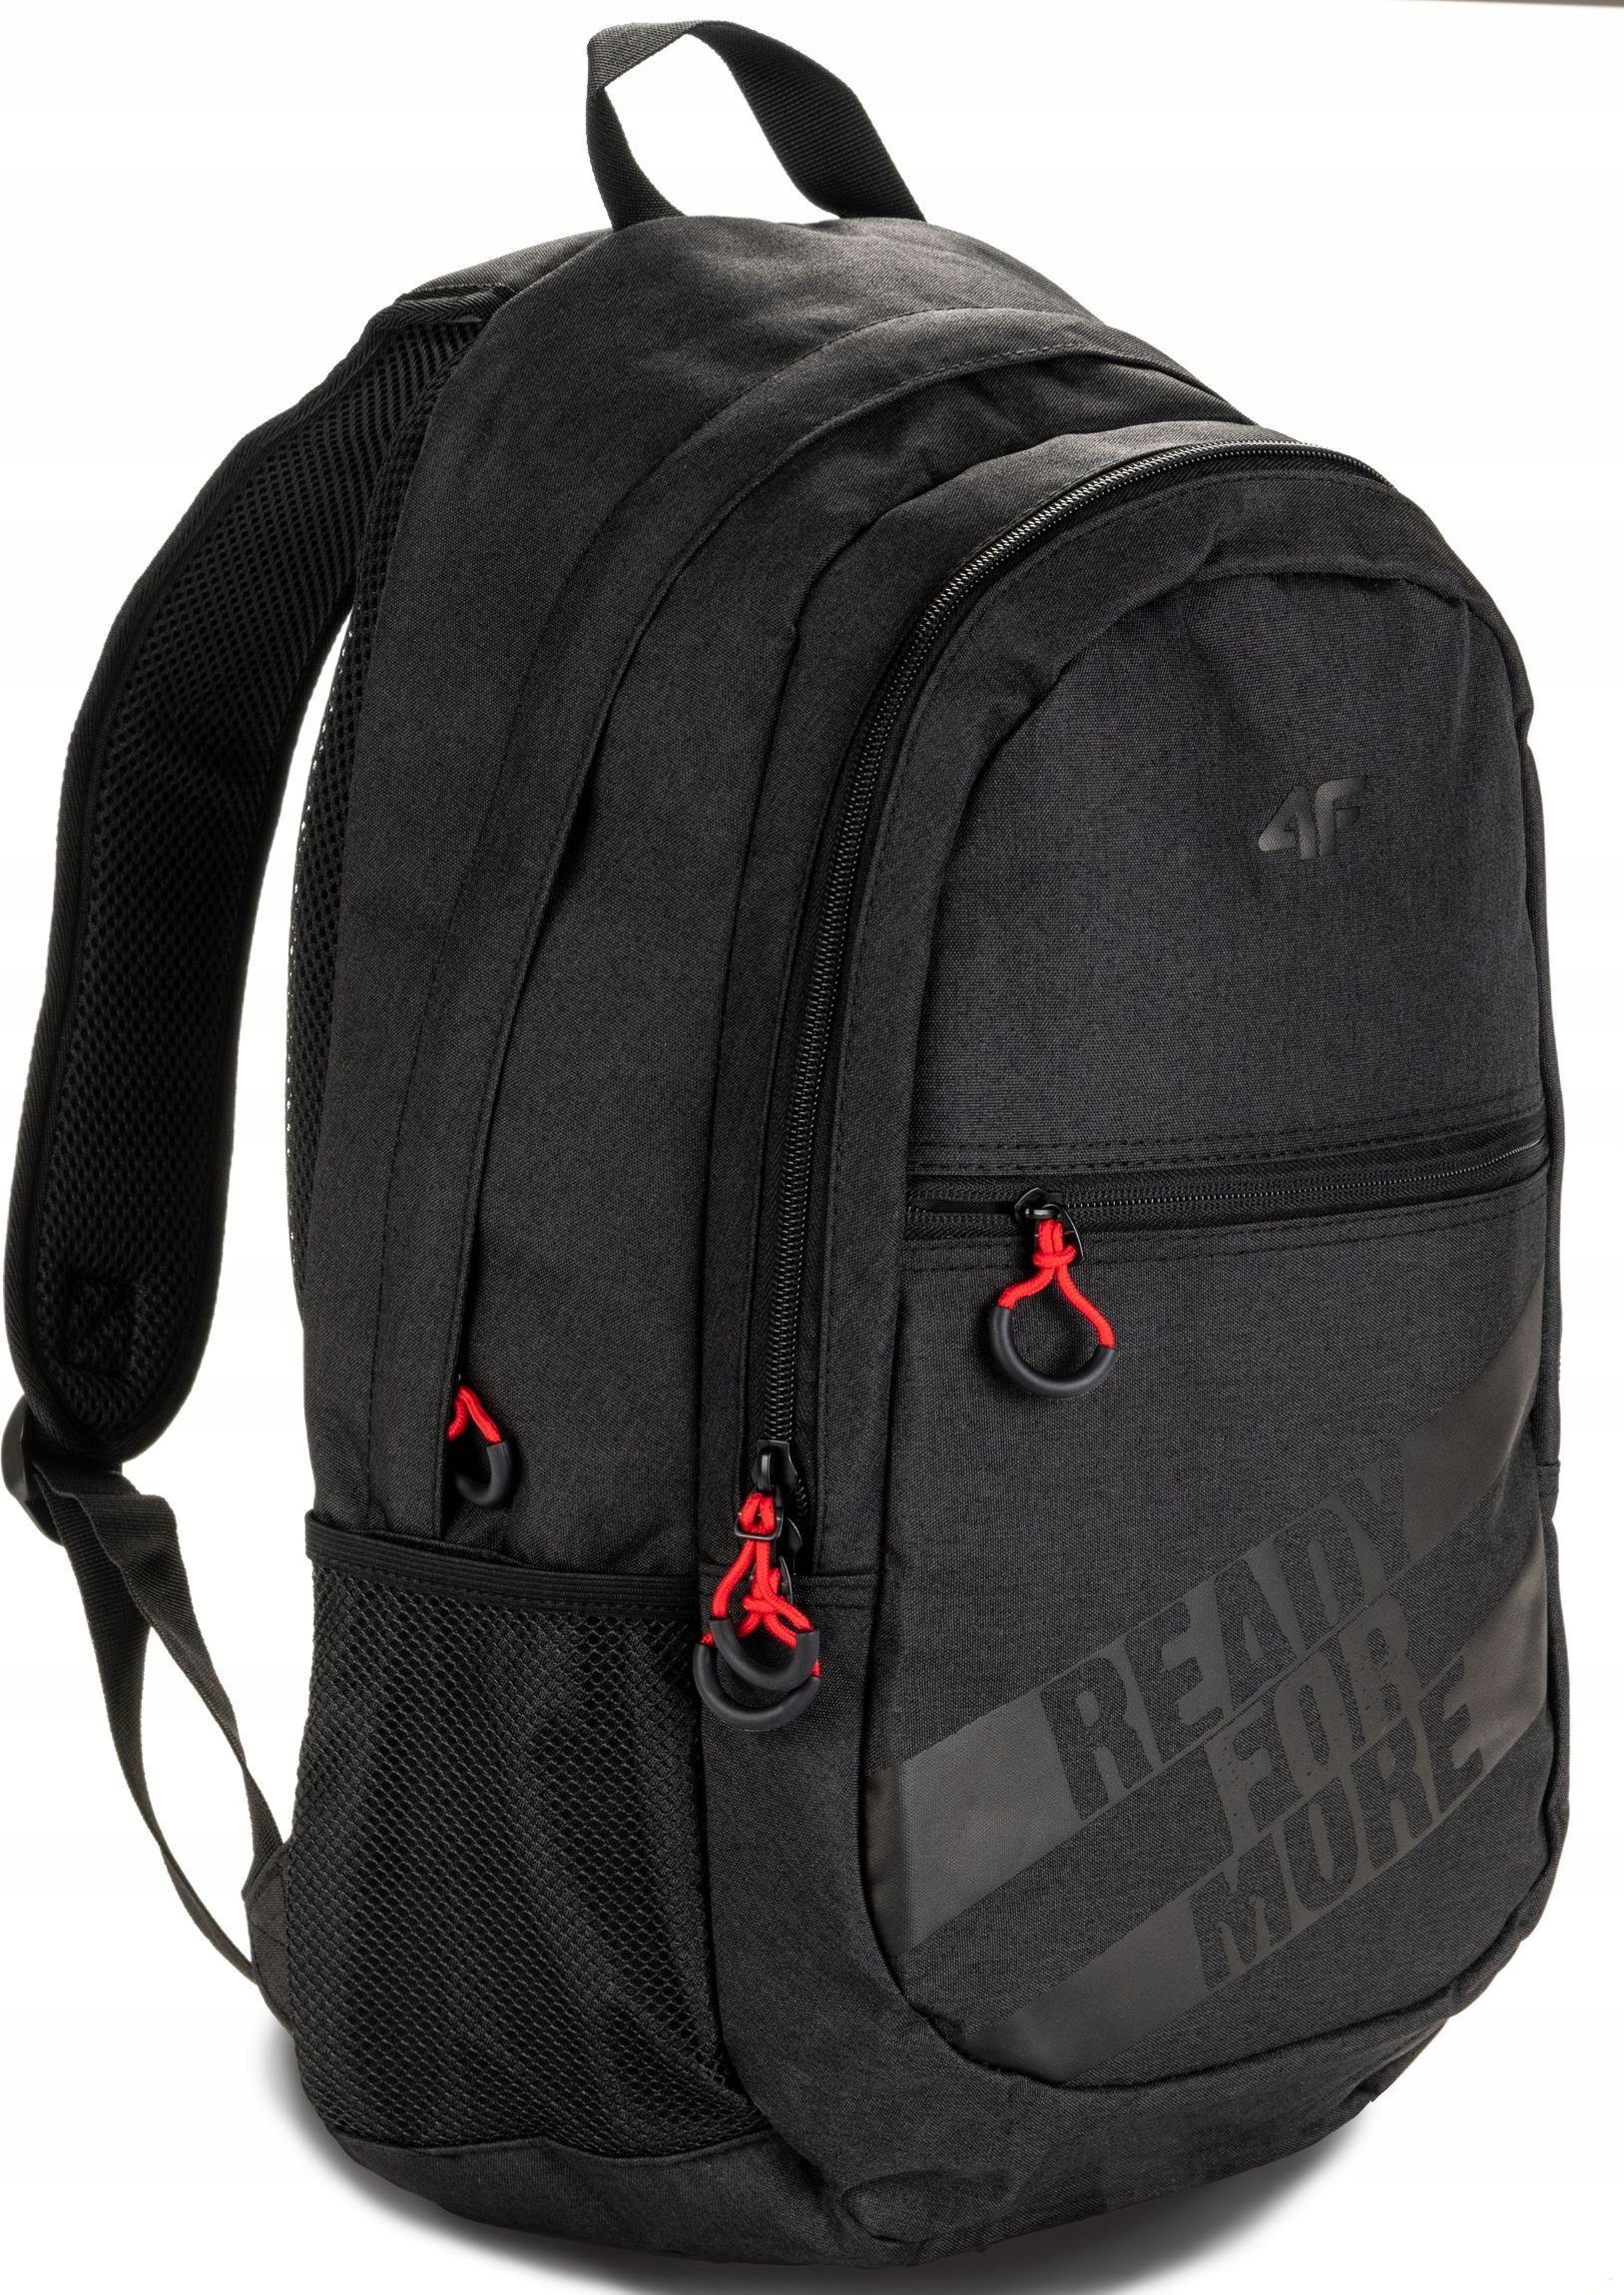 4f Plecak wielofunkcyjny H4Z18-PCU004 30